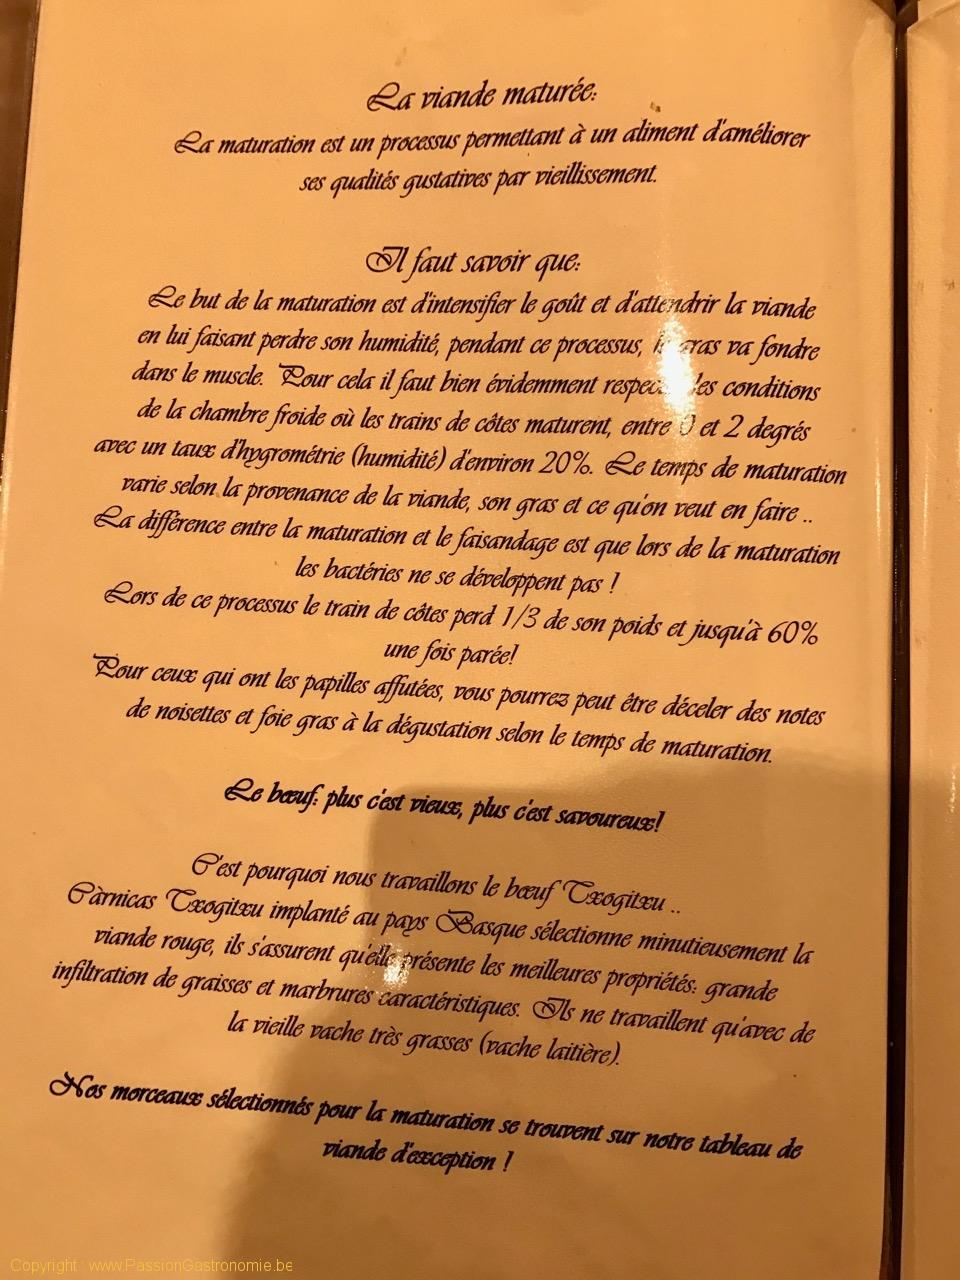 Restaurant L'Artiste à Falaen - La viande maturée